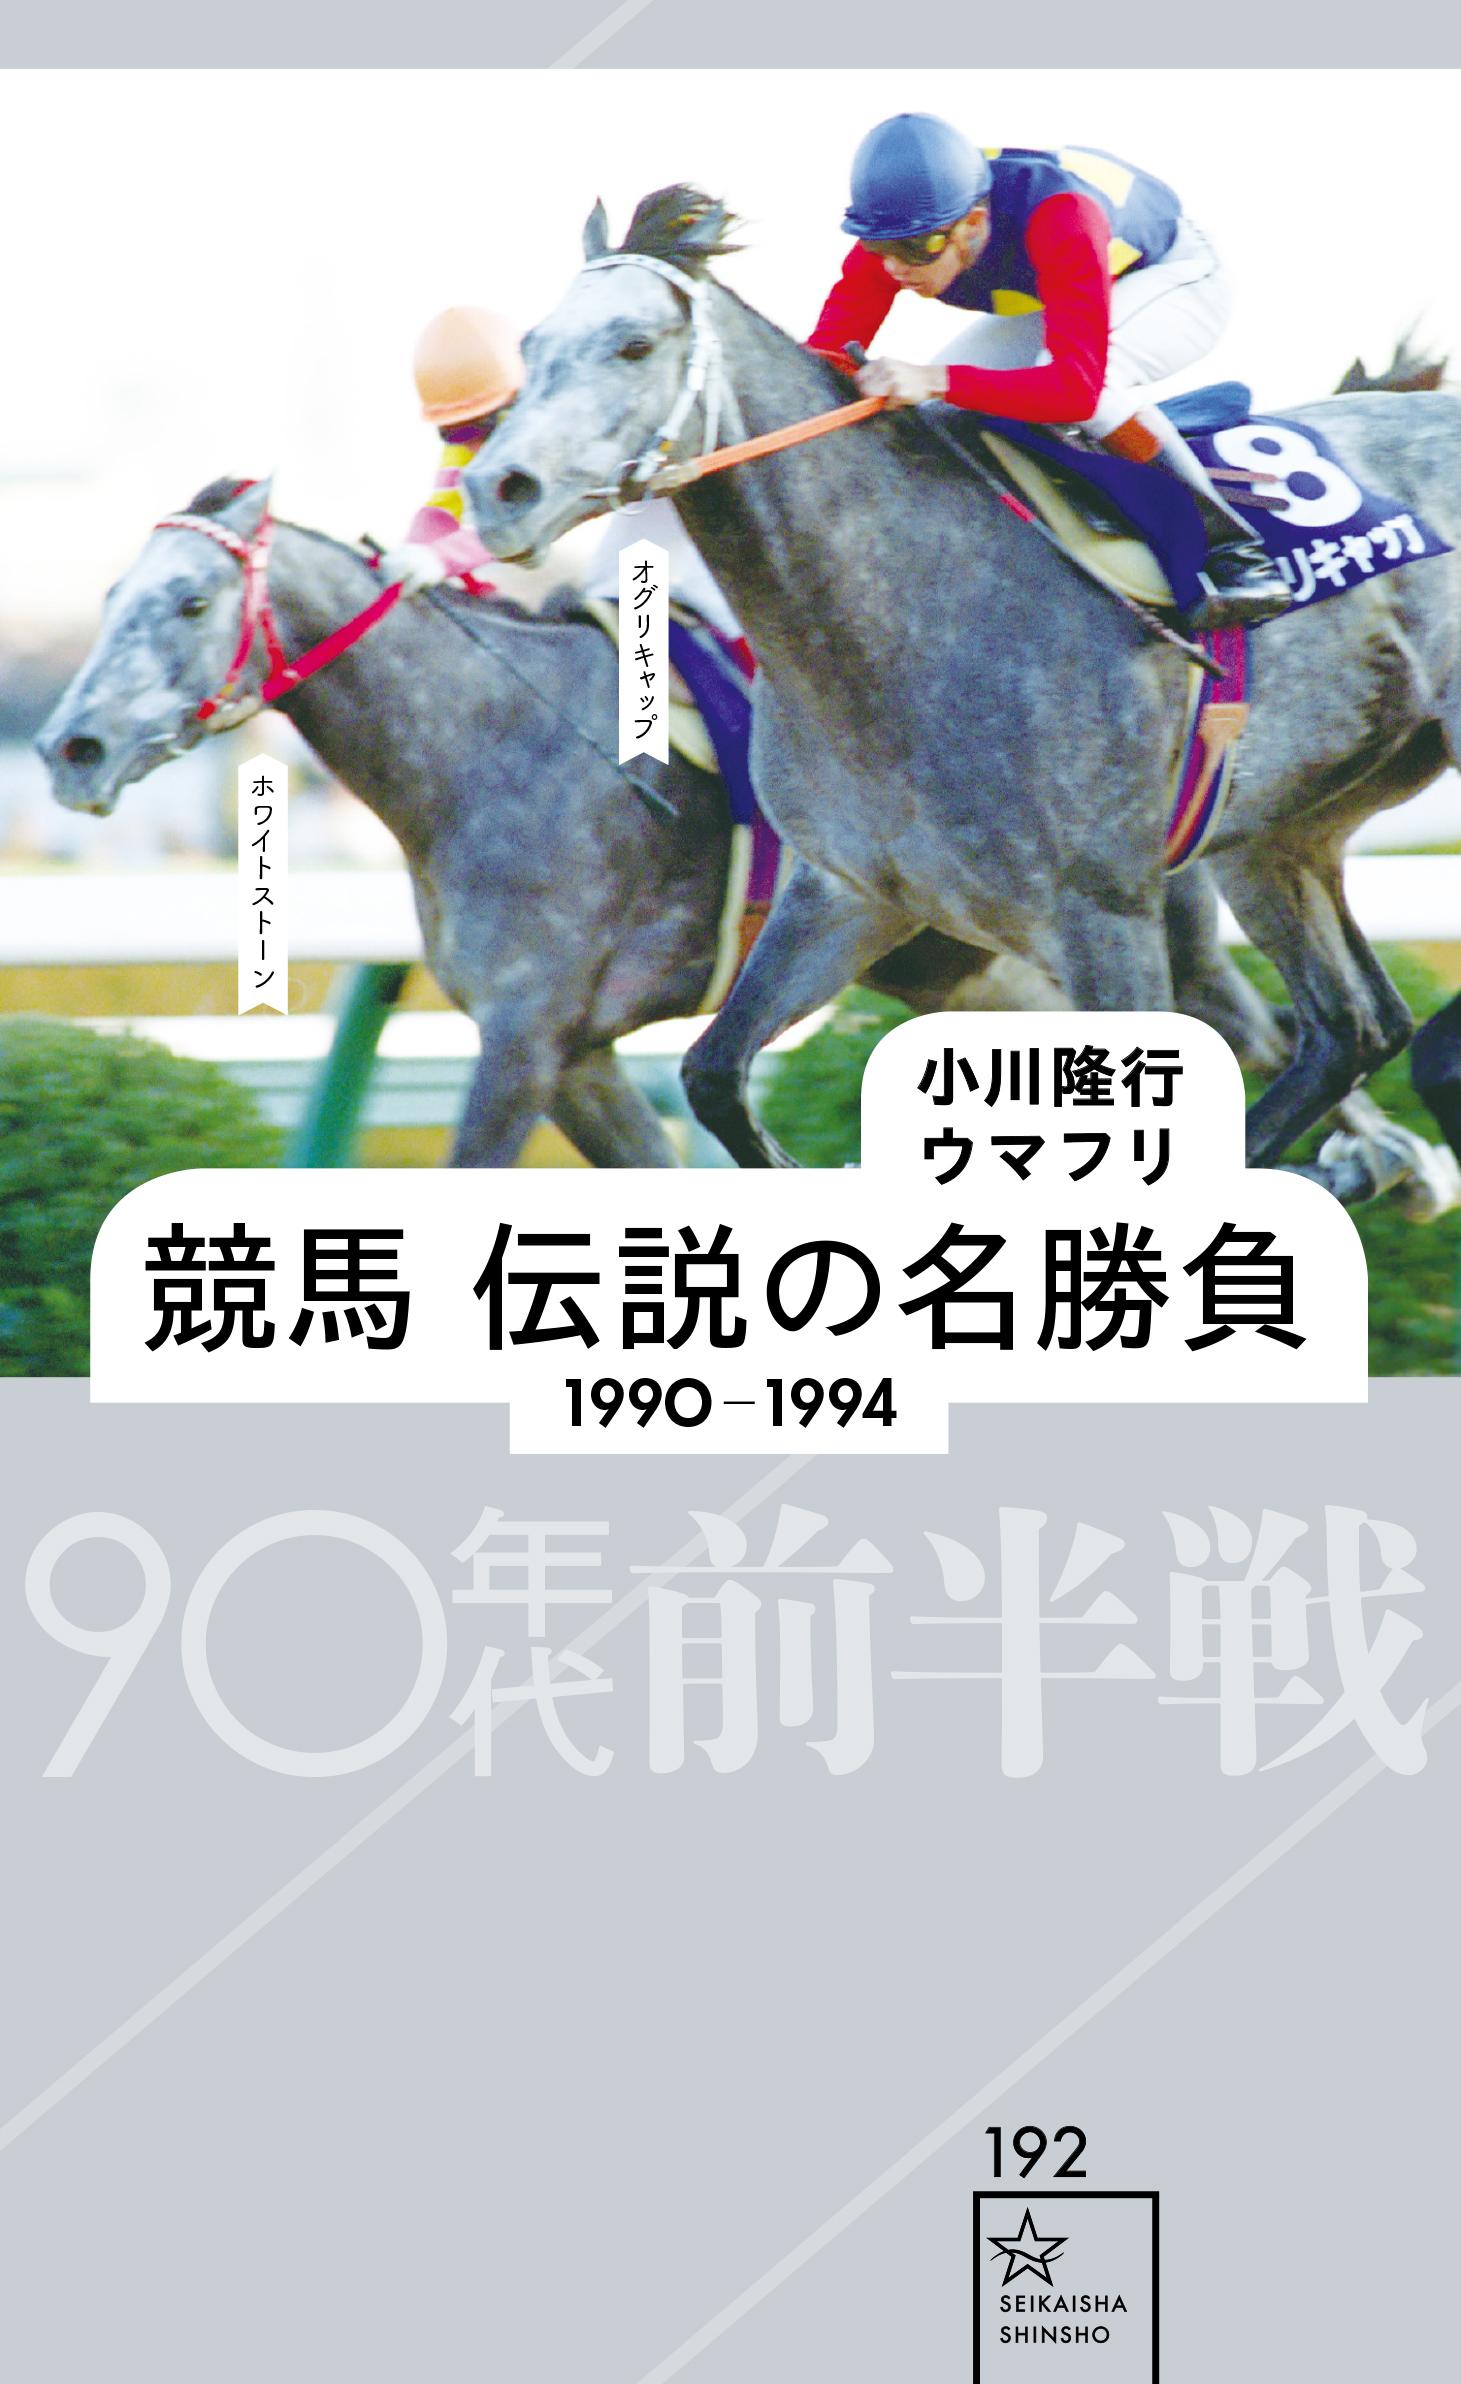 [告知]ウマフリ×小川隆行さんによる書籍「競馬 伝説の名勝負 1990-1994 90年代前半戦」が発売! (読者プレゼント5名様)